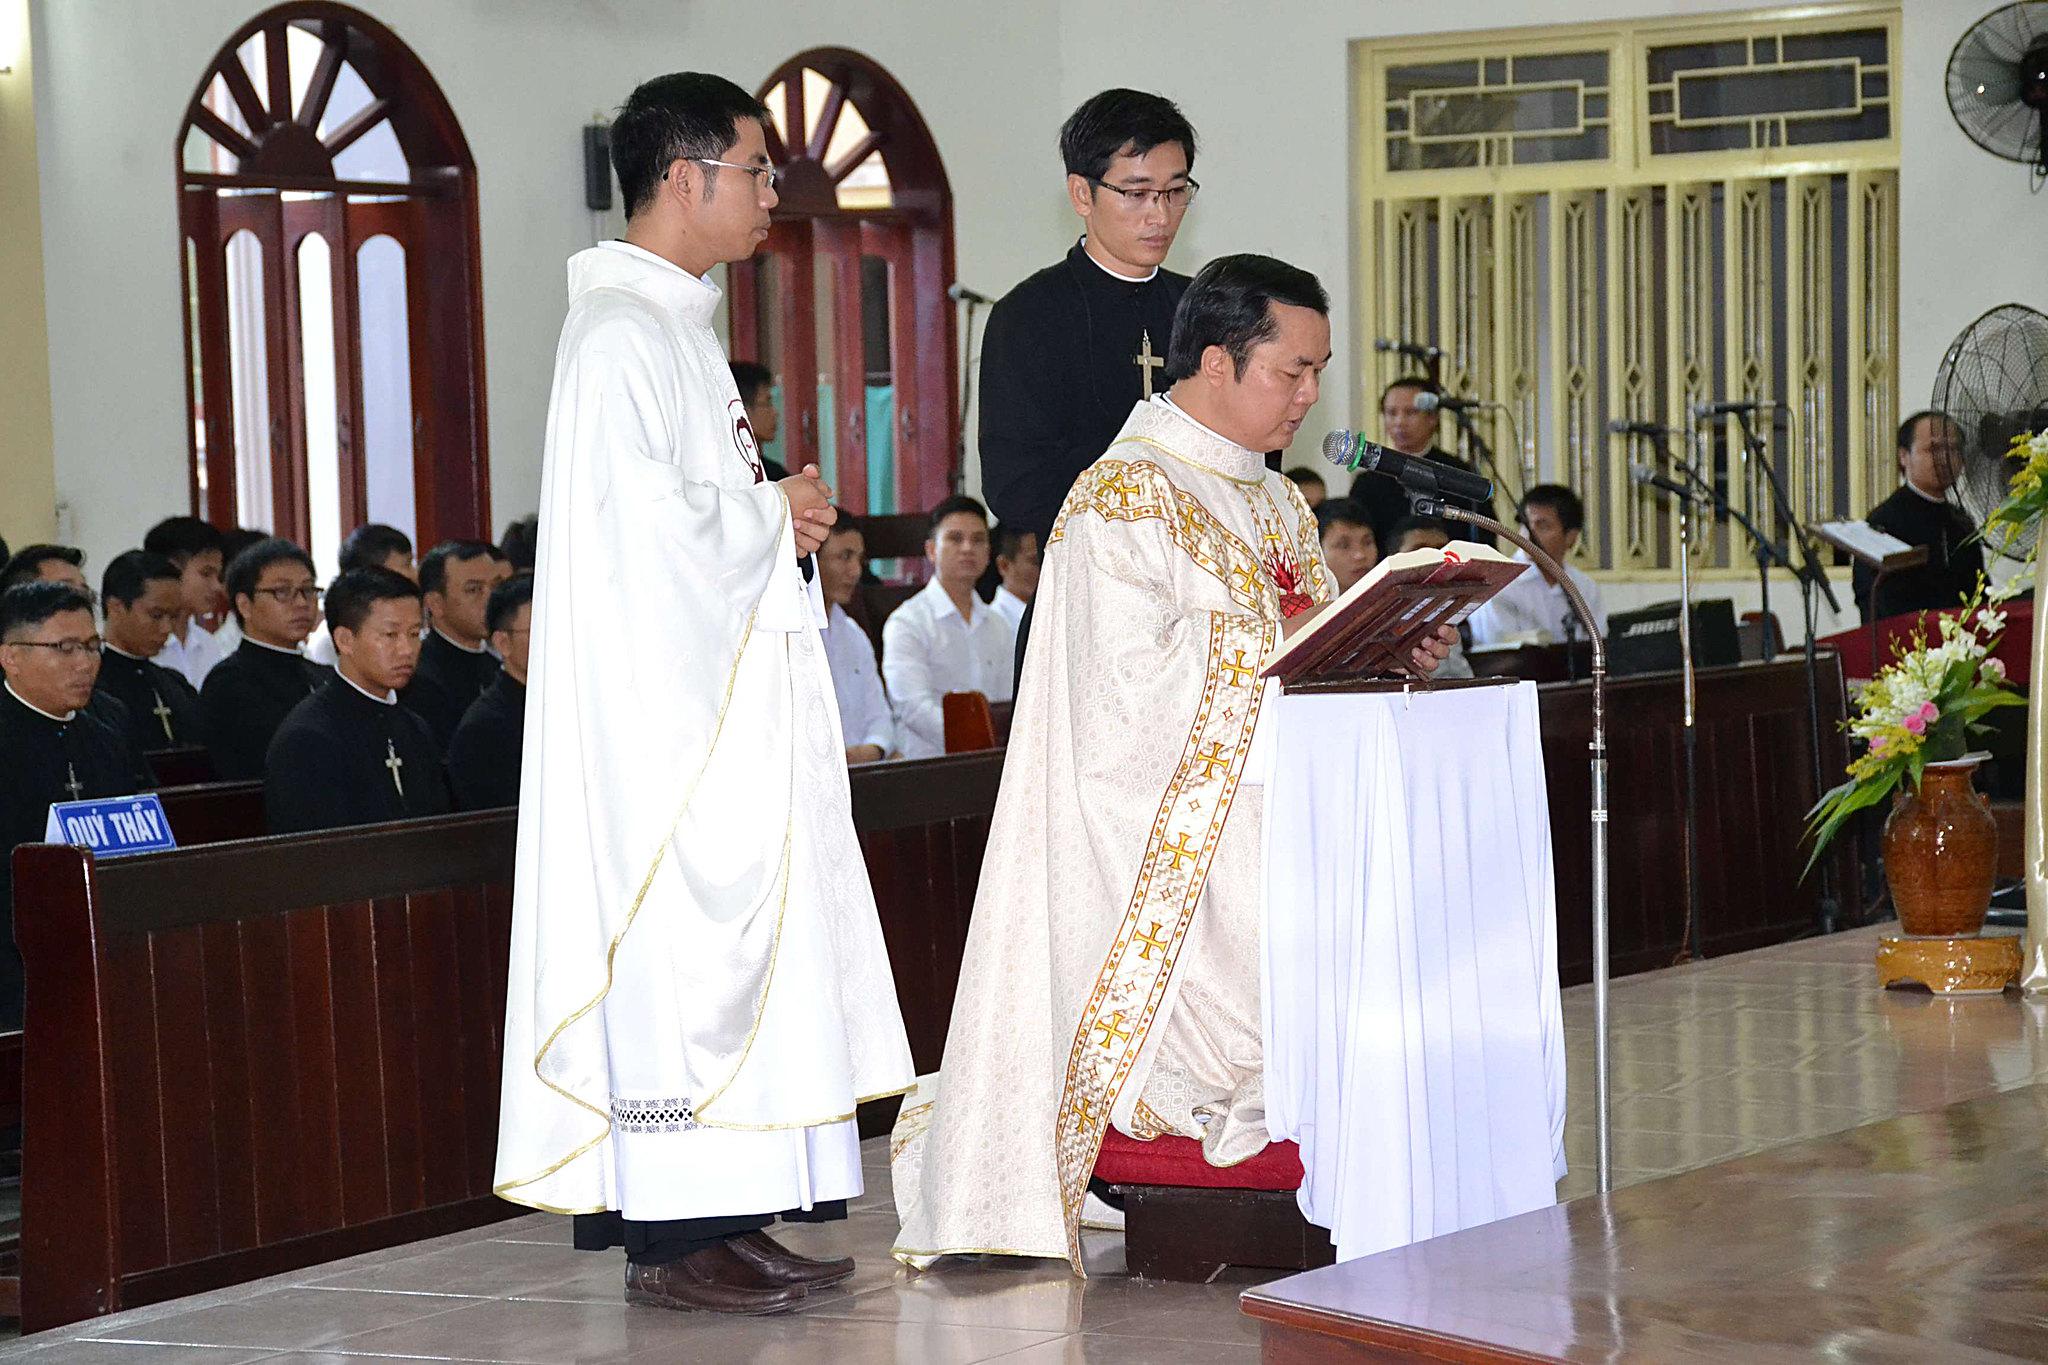 Nghi thức nhận chức của cha tân Bề trên Tổng quyền Dòng Thánh Tâm Huế